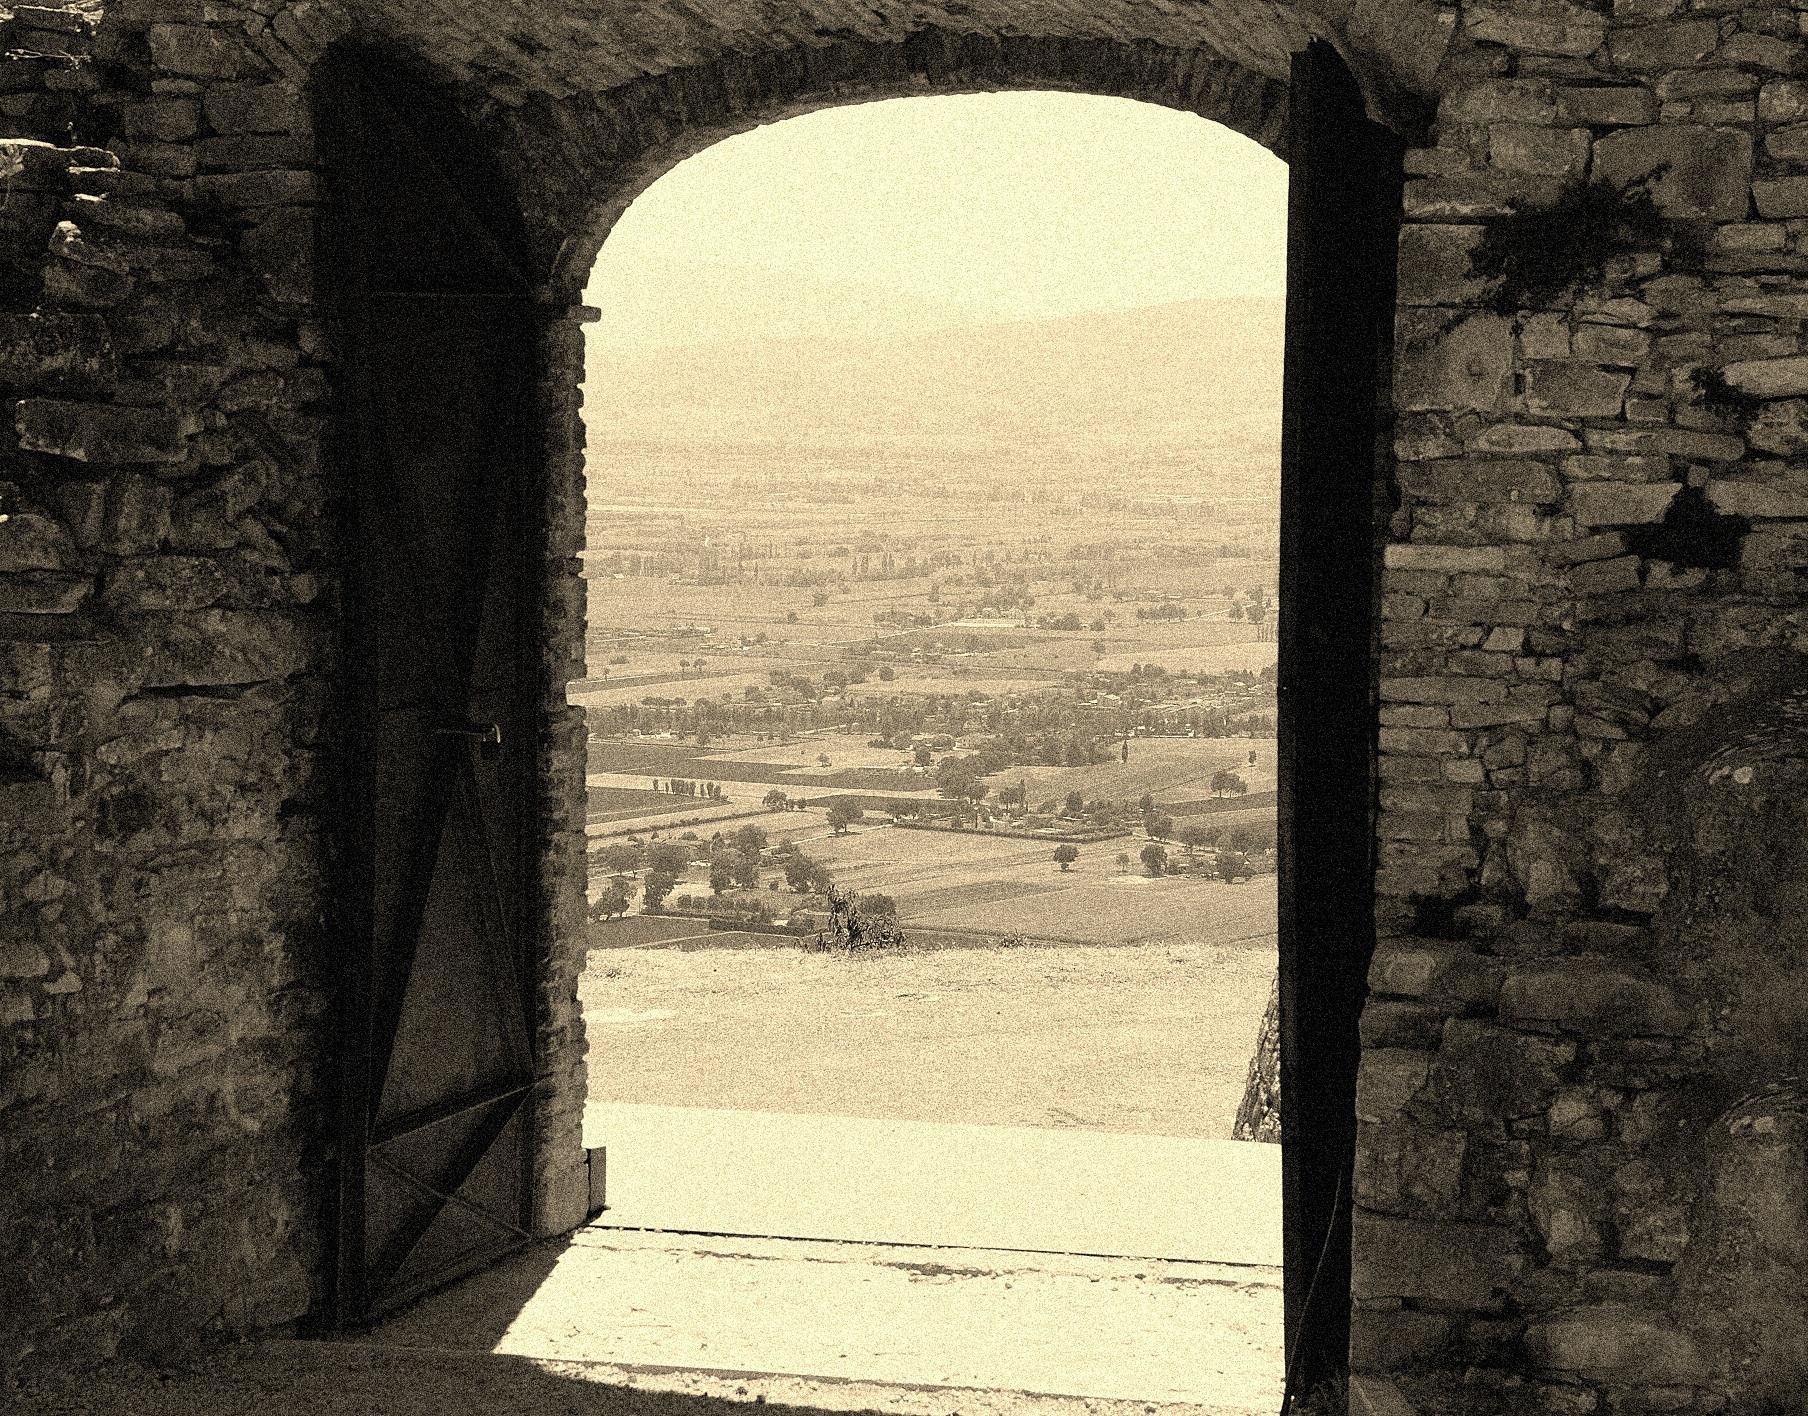 The door of the valley...